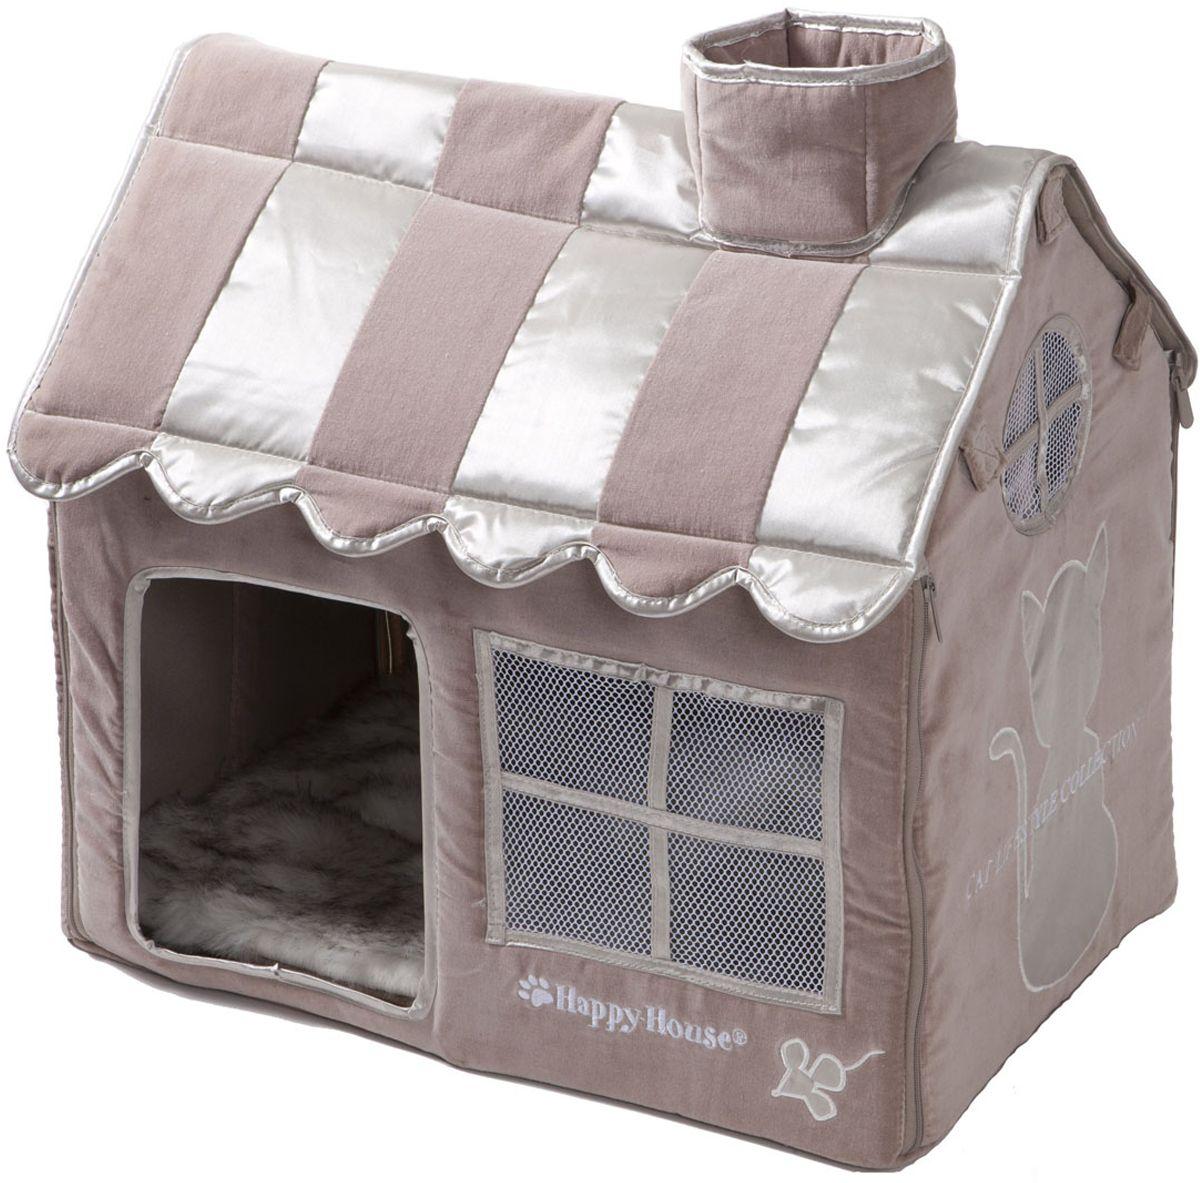 Домик для кошек Happy House Cat Lifestyle, цвет: серый, молочно-коричневый, 52 х 36 х 49 см8475-2Большой, уютный домик Happy House Cat Lifestyle, выполненный из полиэстера и картона, отлично подойдет для вашего любимца. Такой домик станет не только идеальным местом для сна вашего питомца, но и местом для отдыха. Внутрь домика ведет квадратное отверстие. Мягкий домик с оригинальным дизайном имеет сборную конструкцию, что облегчит его транспортировку и хранение. Внутри имеется съемная подушка из искусственного меха. Размер домика: 52 х 36 х 49 см.